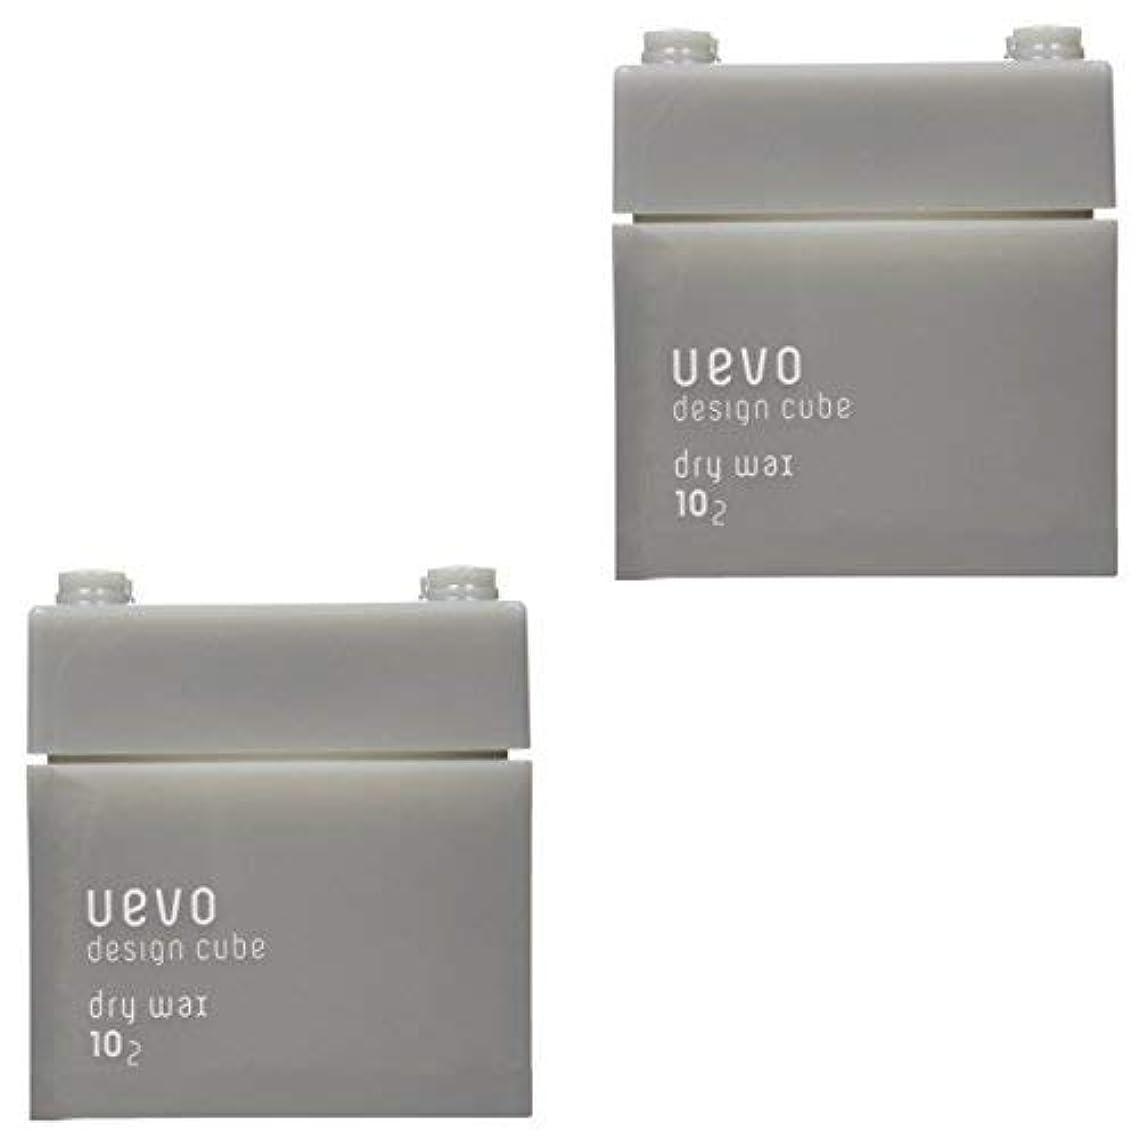 鹿迅速ルーキー【X2個セット】 デミ ウェーボ デザインキューブ ドライワックス 80g dry wax DEMI uevo design cube